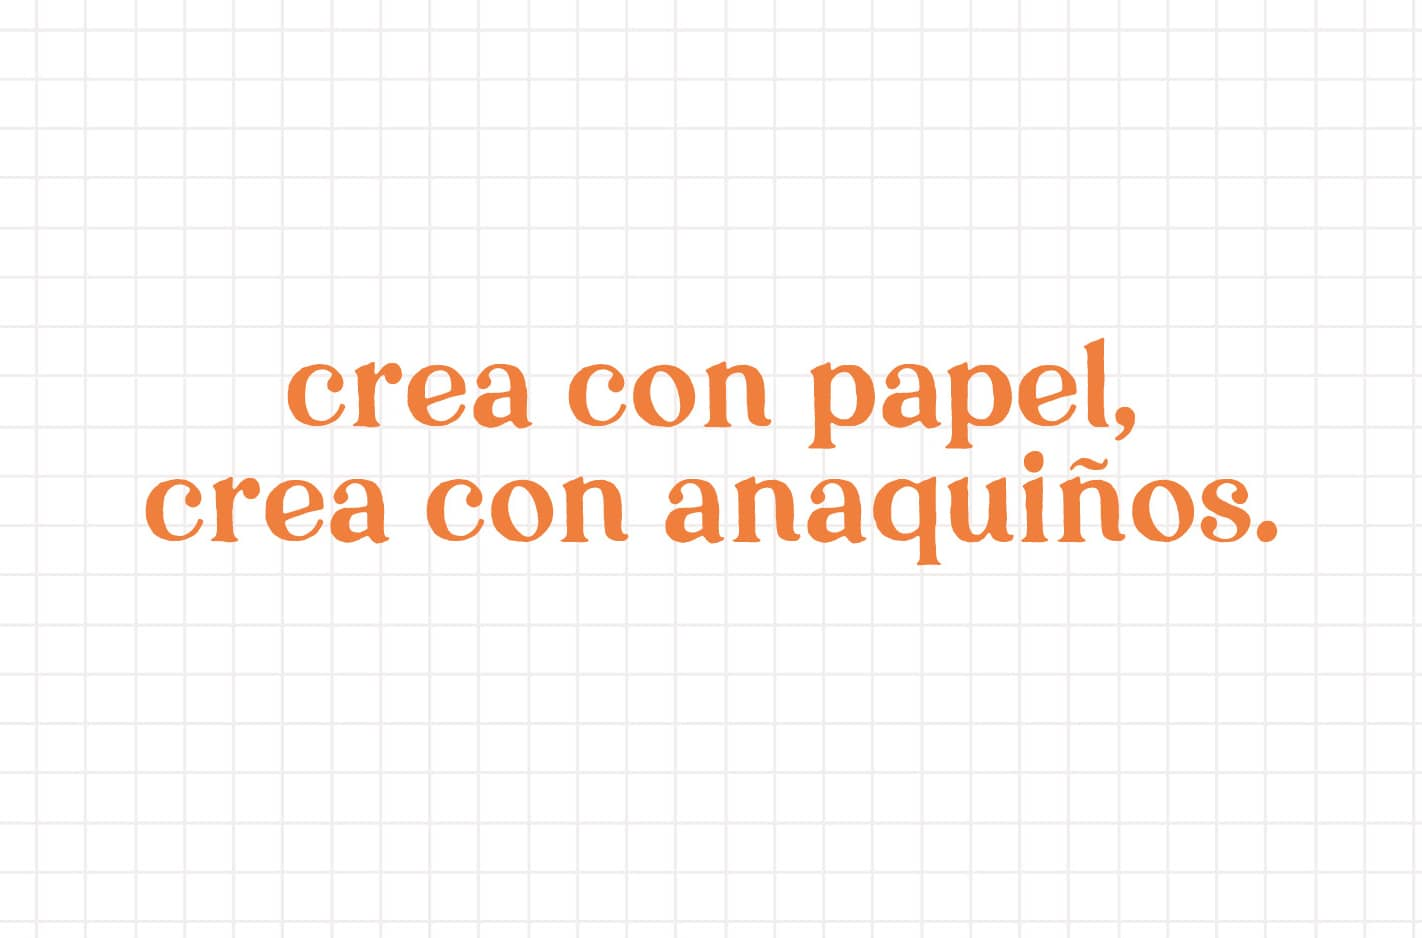 Anaquiños de Papel - Proyecto de Branding y Redes - Nanuc Design